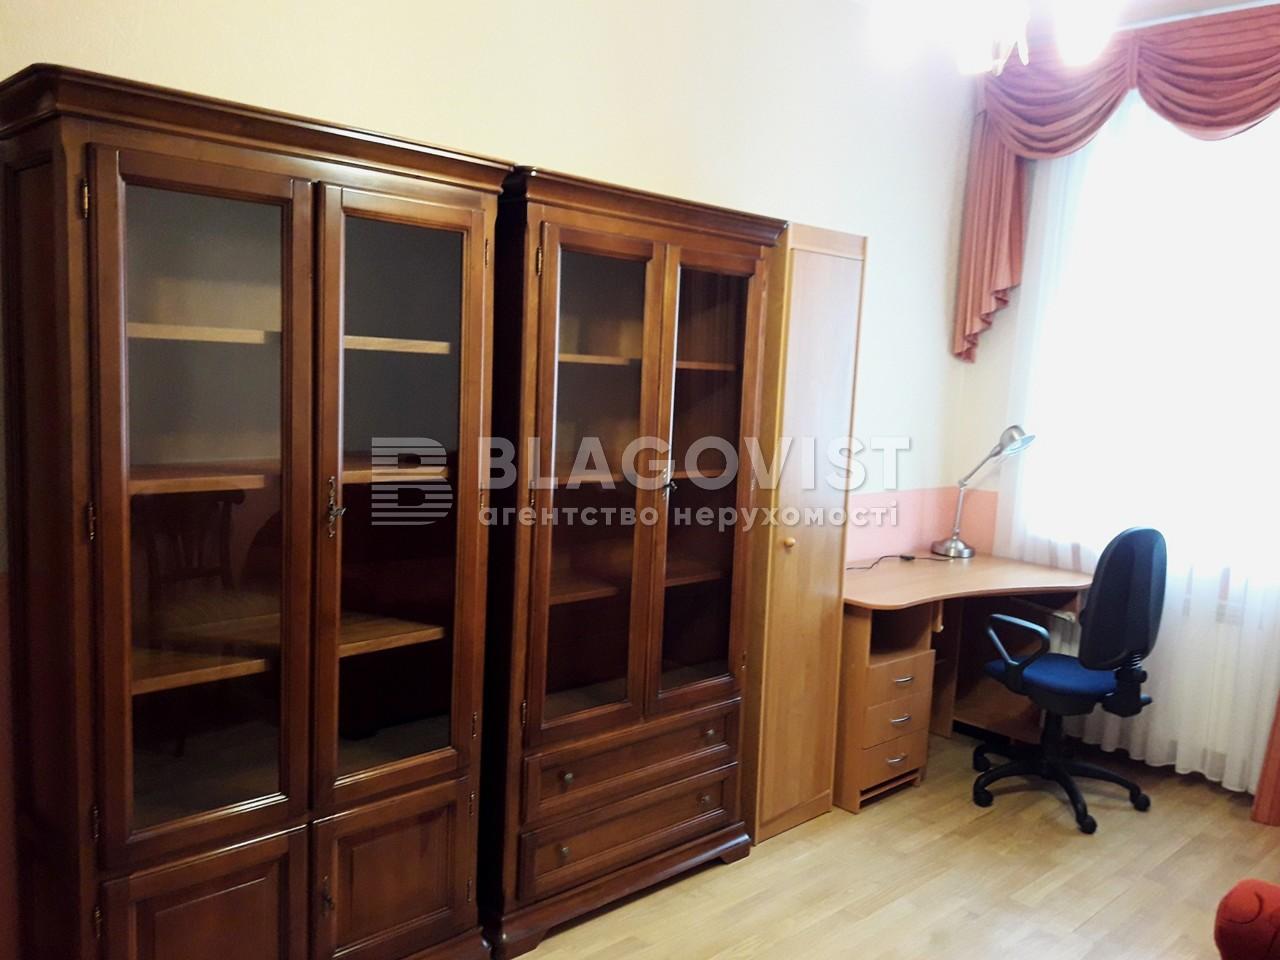 Квартира E-18460, Боткина, 4, Киев - Фото 18